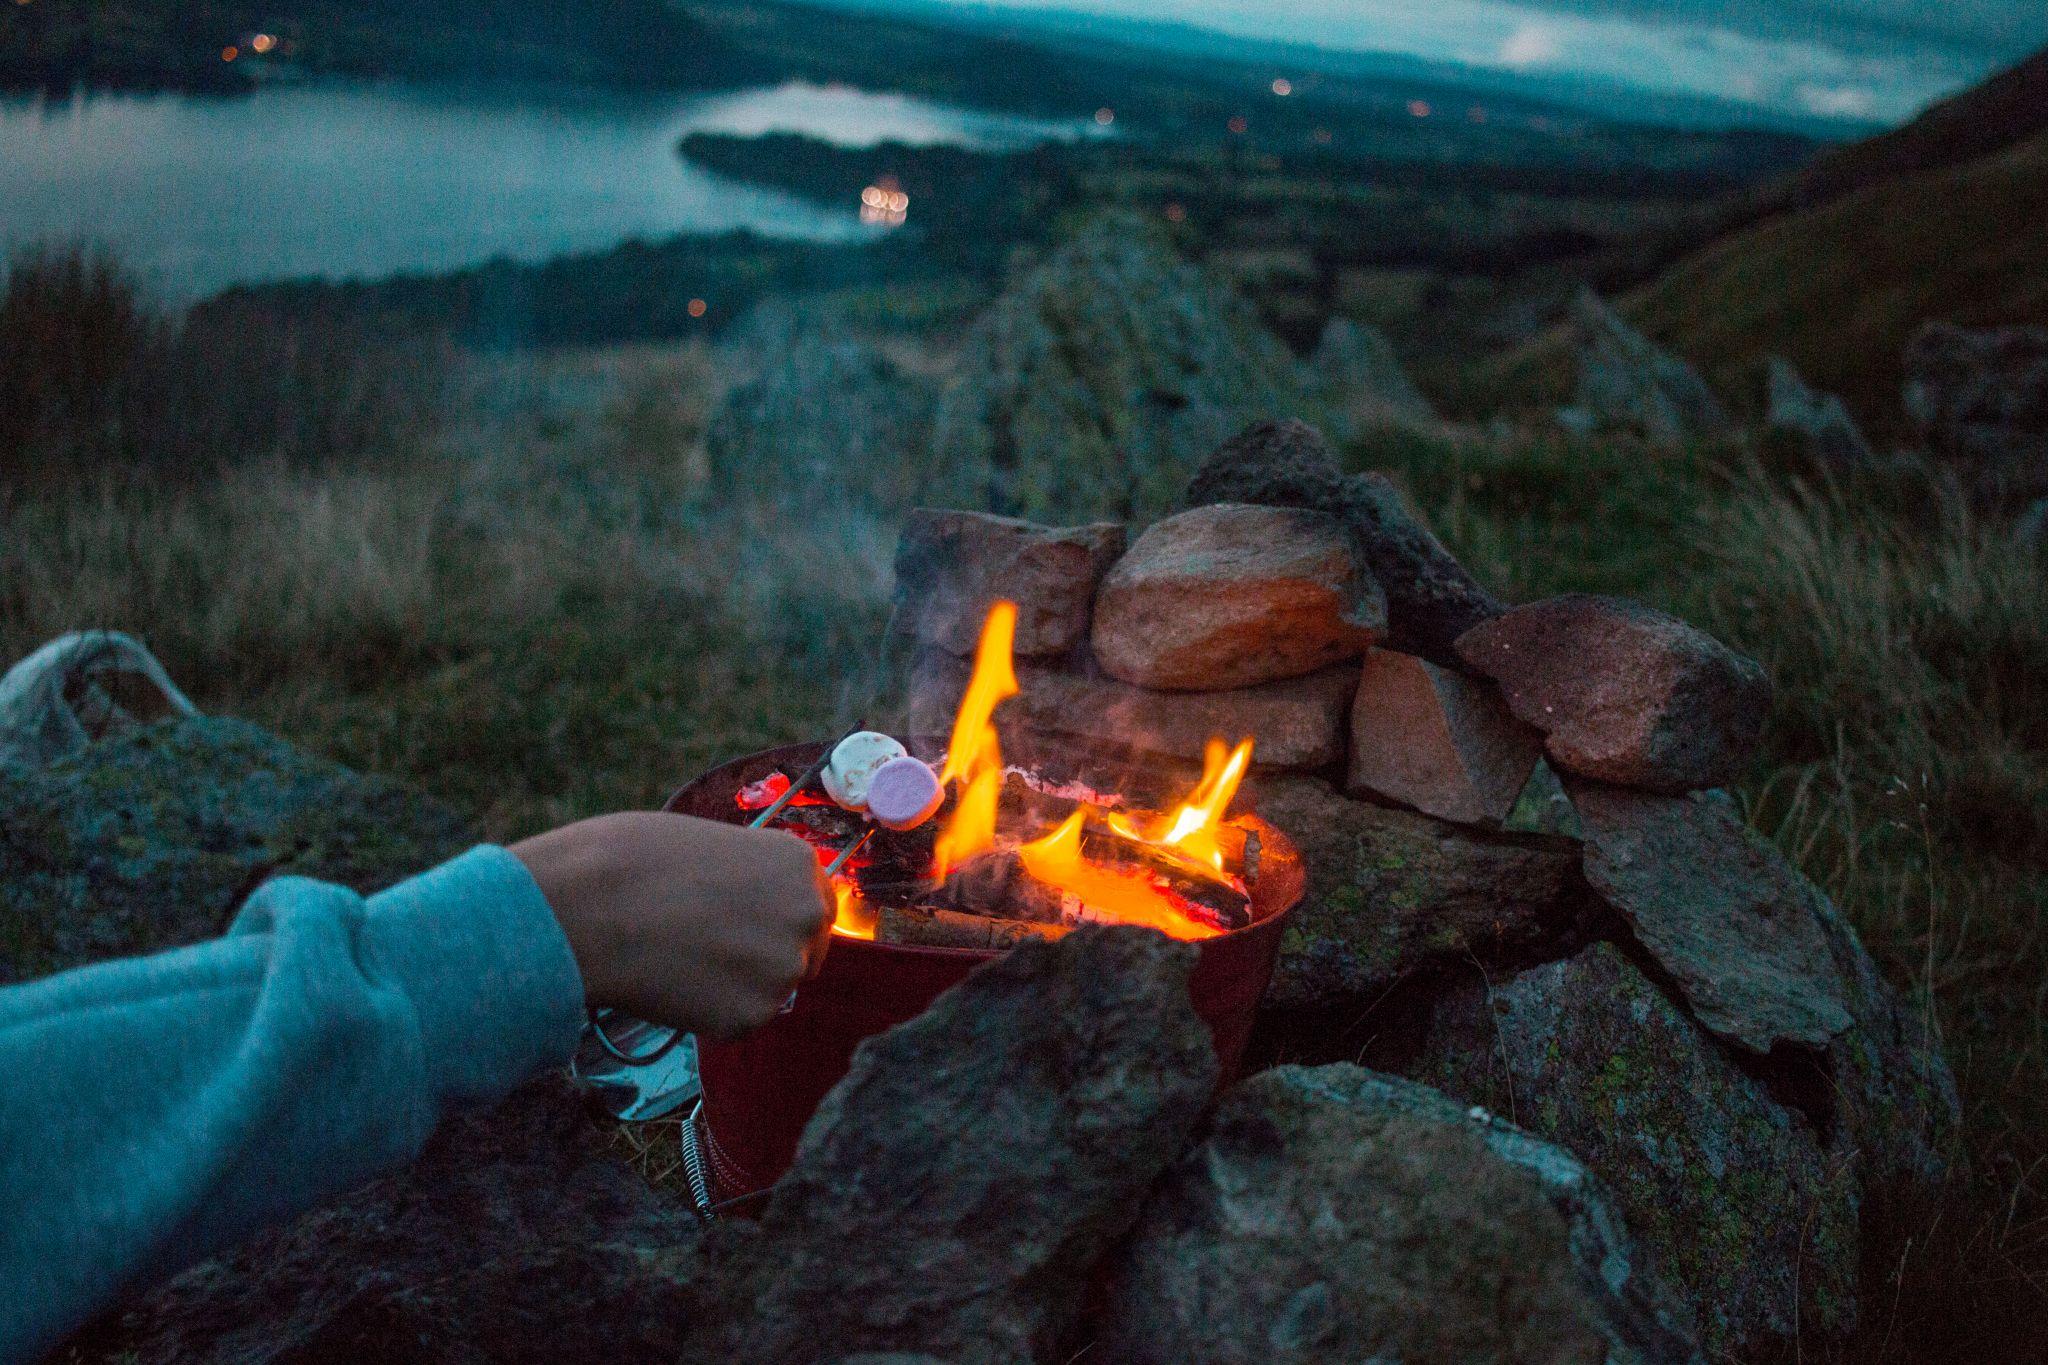 wild-camping-guide-lake-district-smores-making